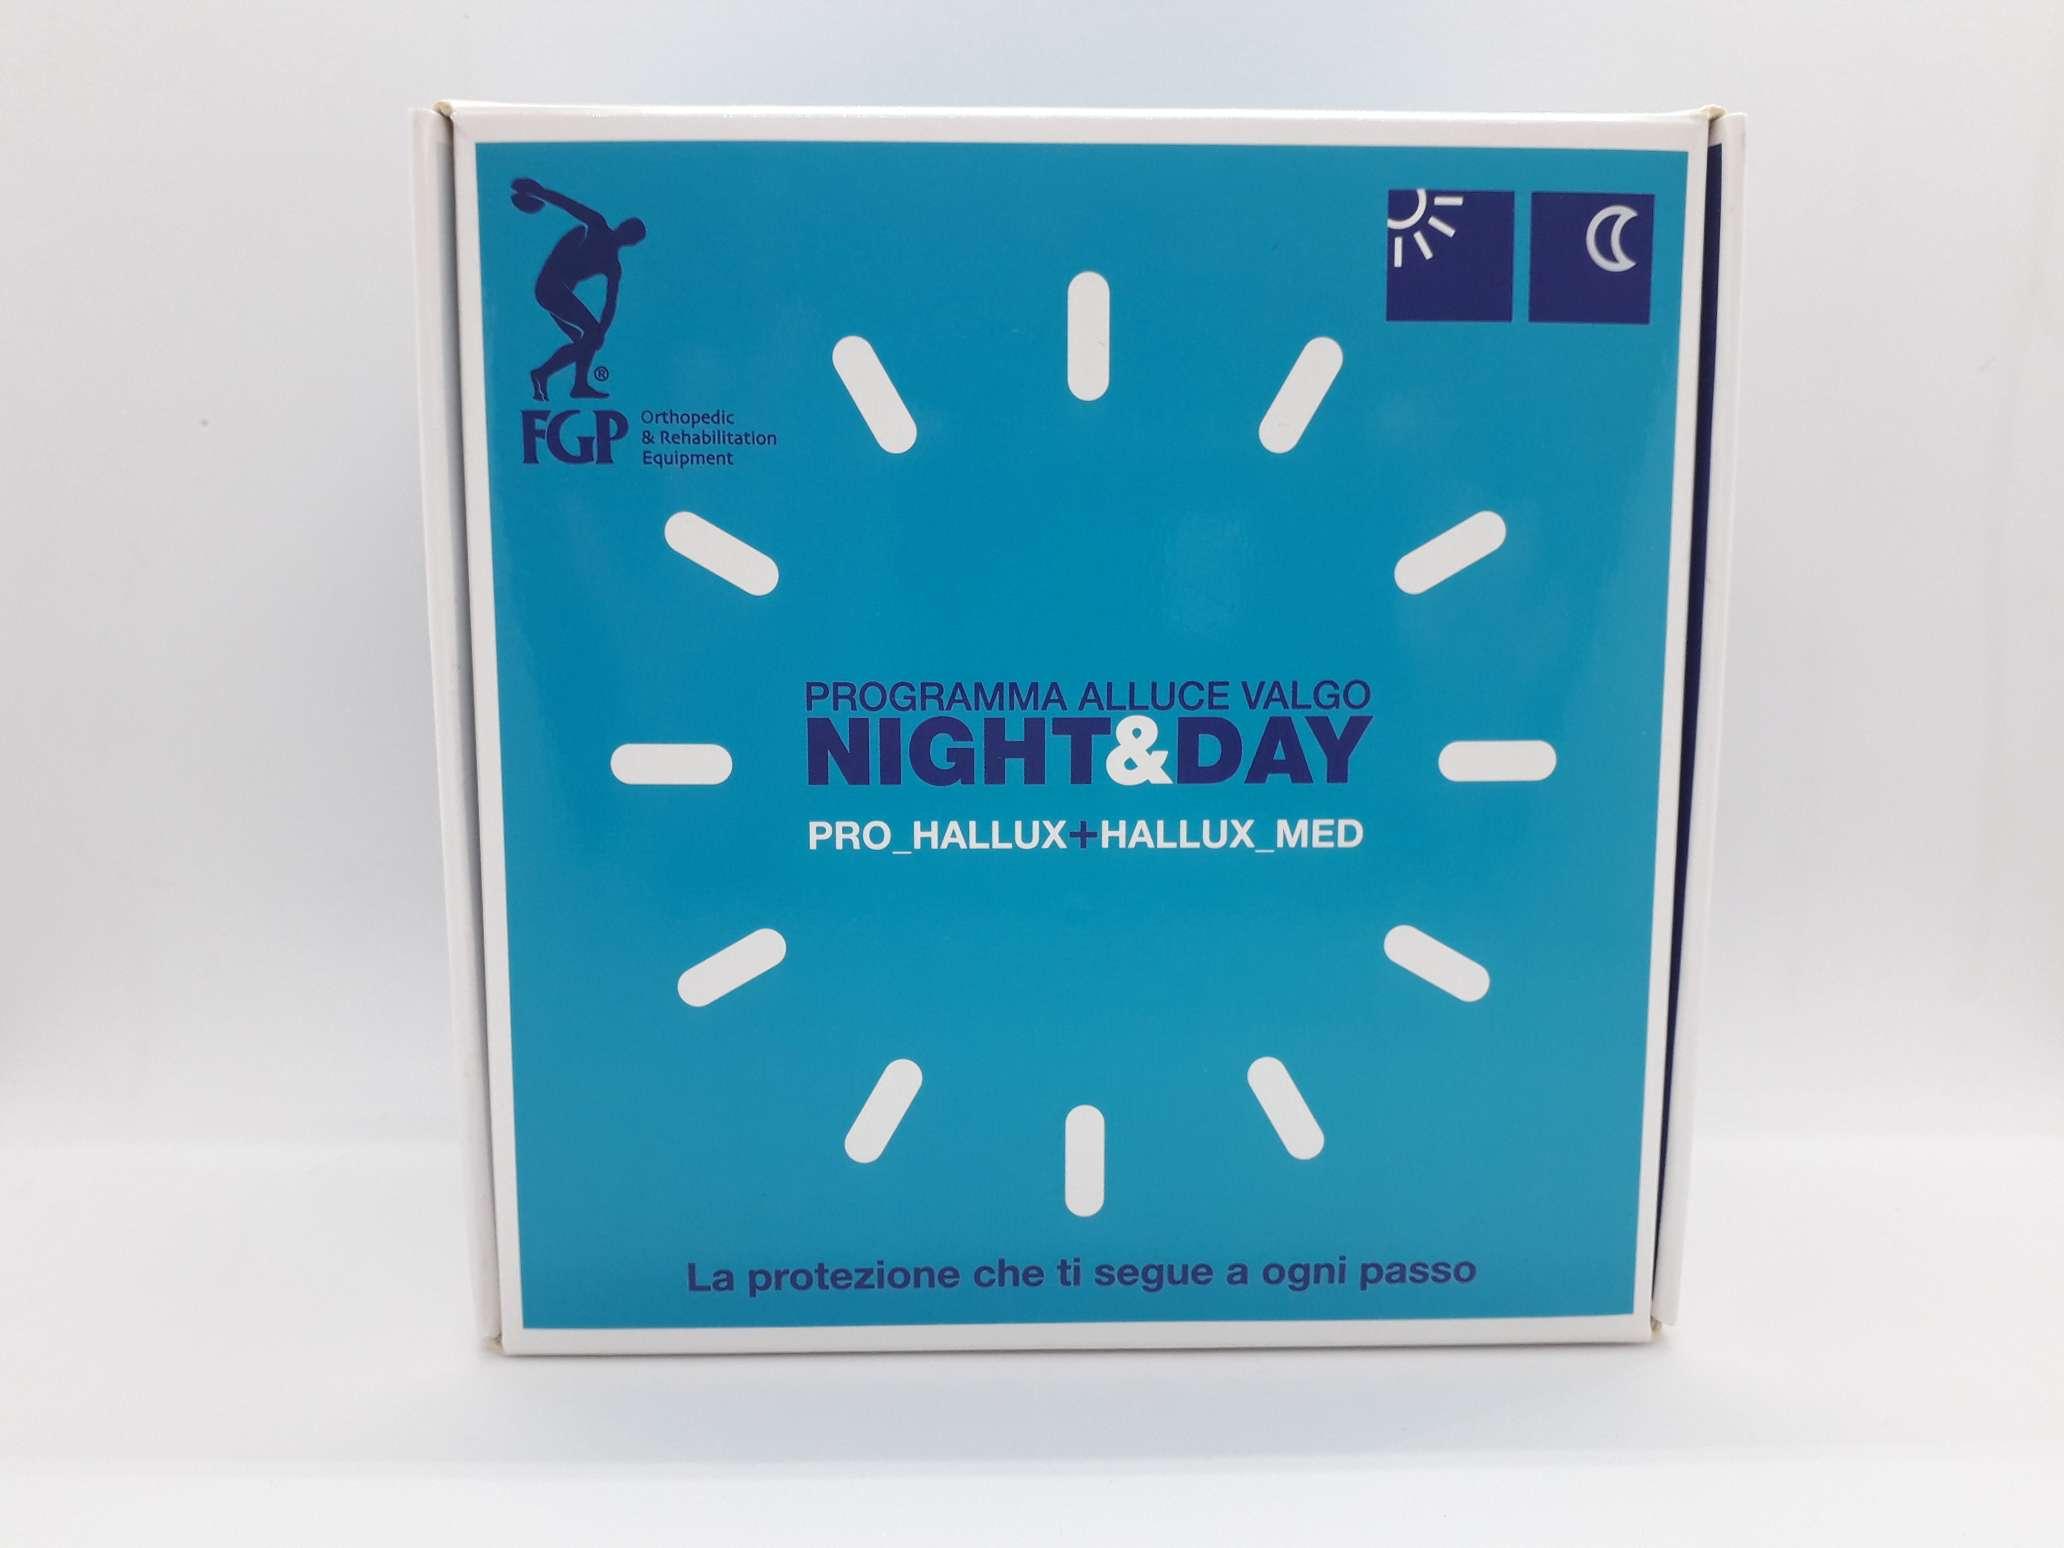 PROGRAMMA NIGHT&DAY ALLUCE VALGO SINISTRO MEDIO - Farmaciaempatica.it